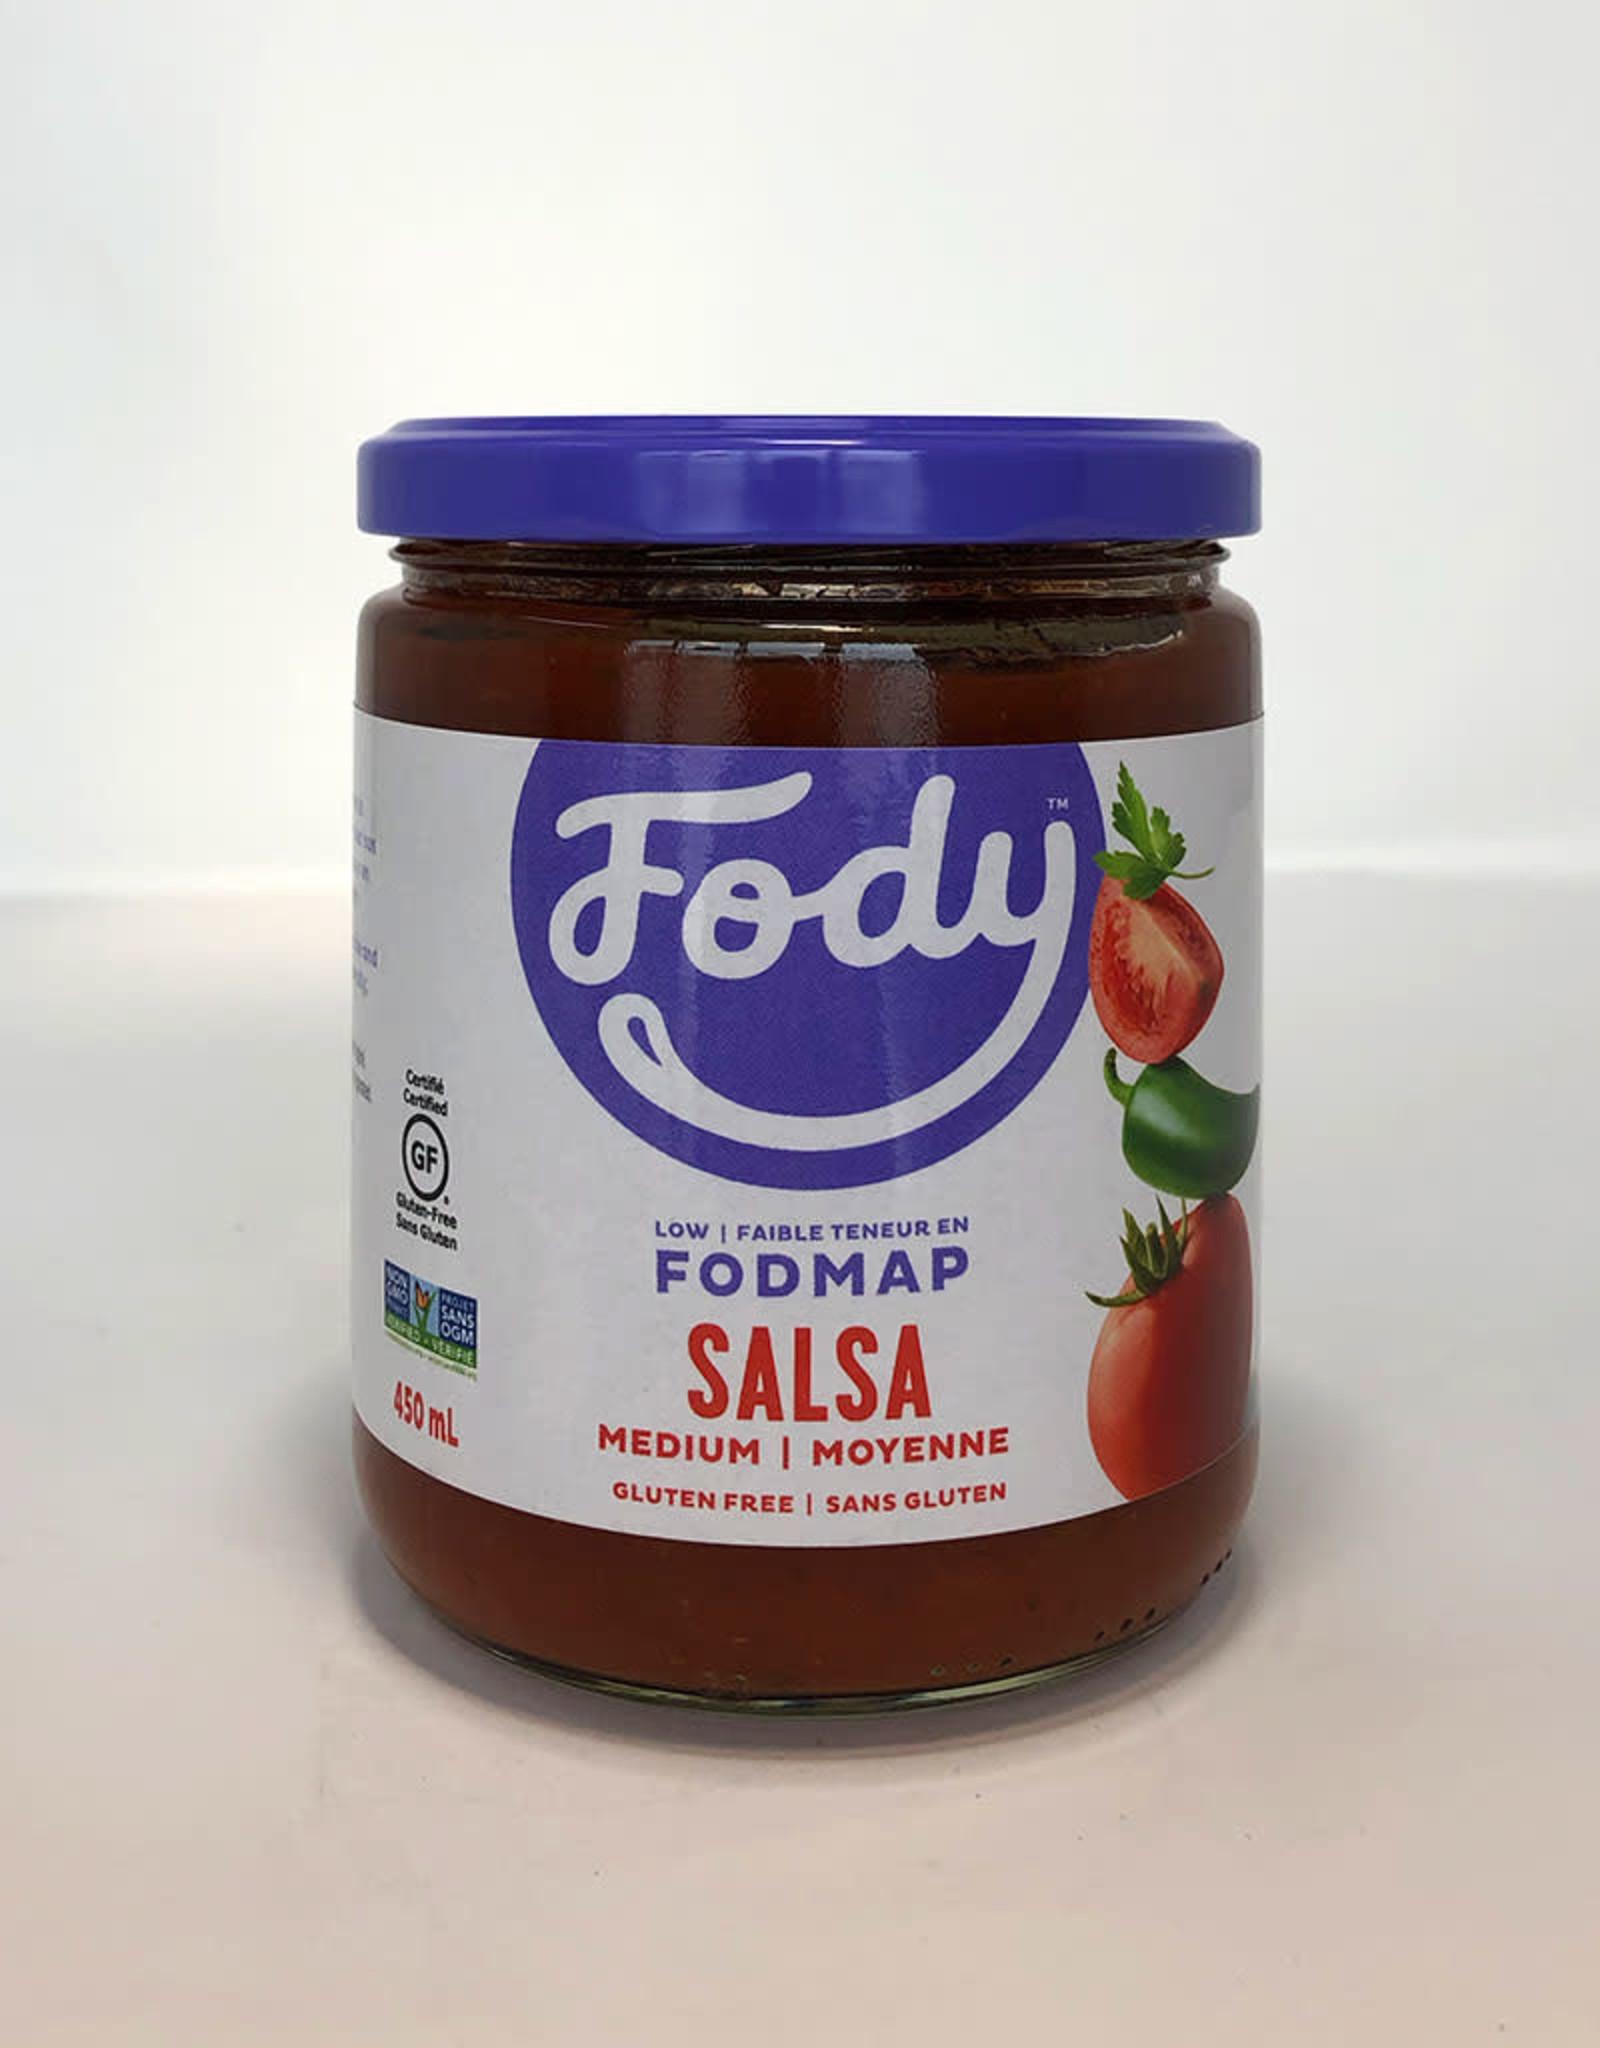 Fody Food Fody Food - Salsa, Moyenne (454g)